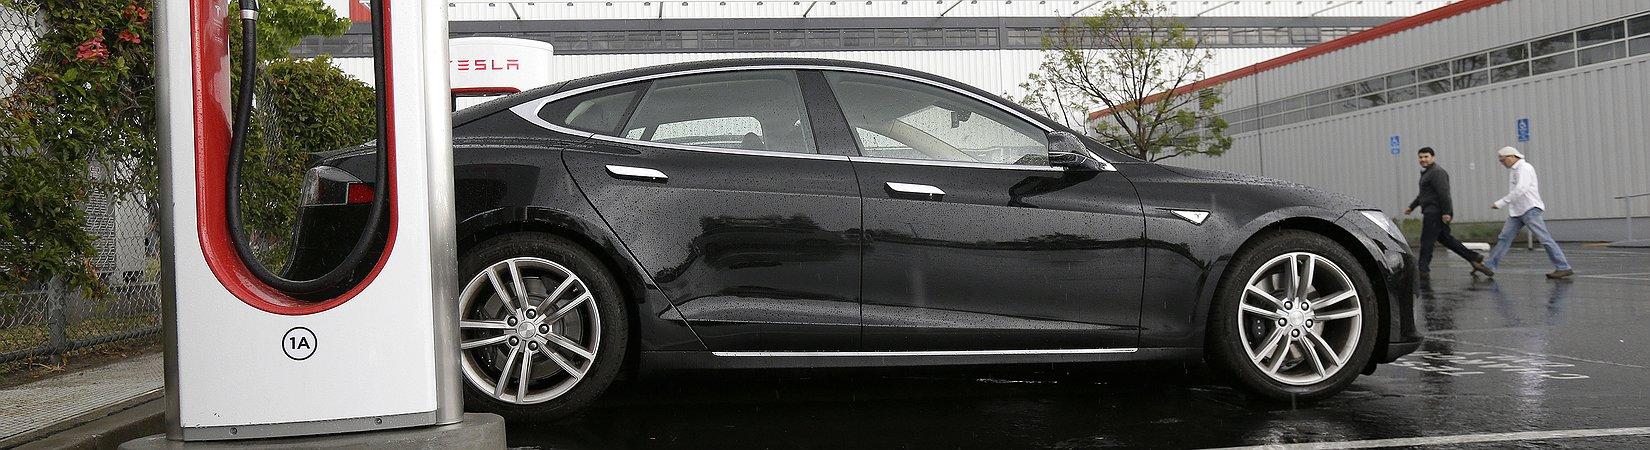 Без прикрас: Реальные успехи Tesla в графиках и цифрах